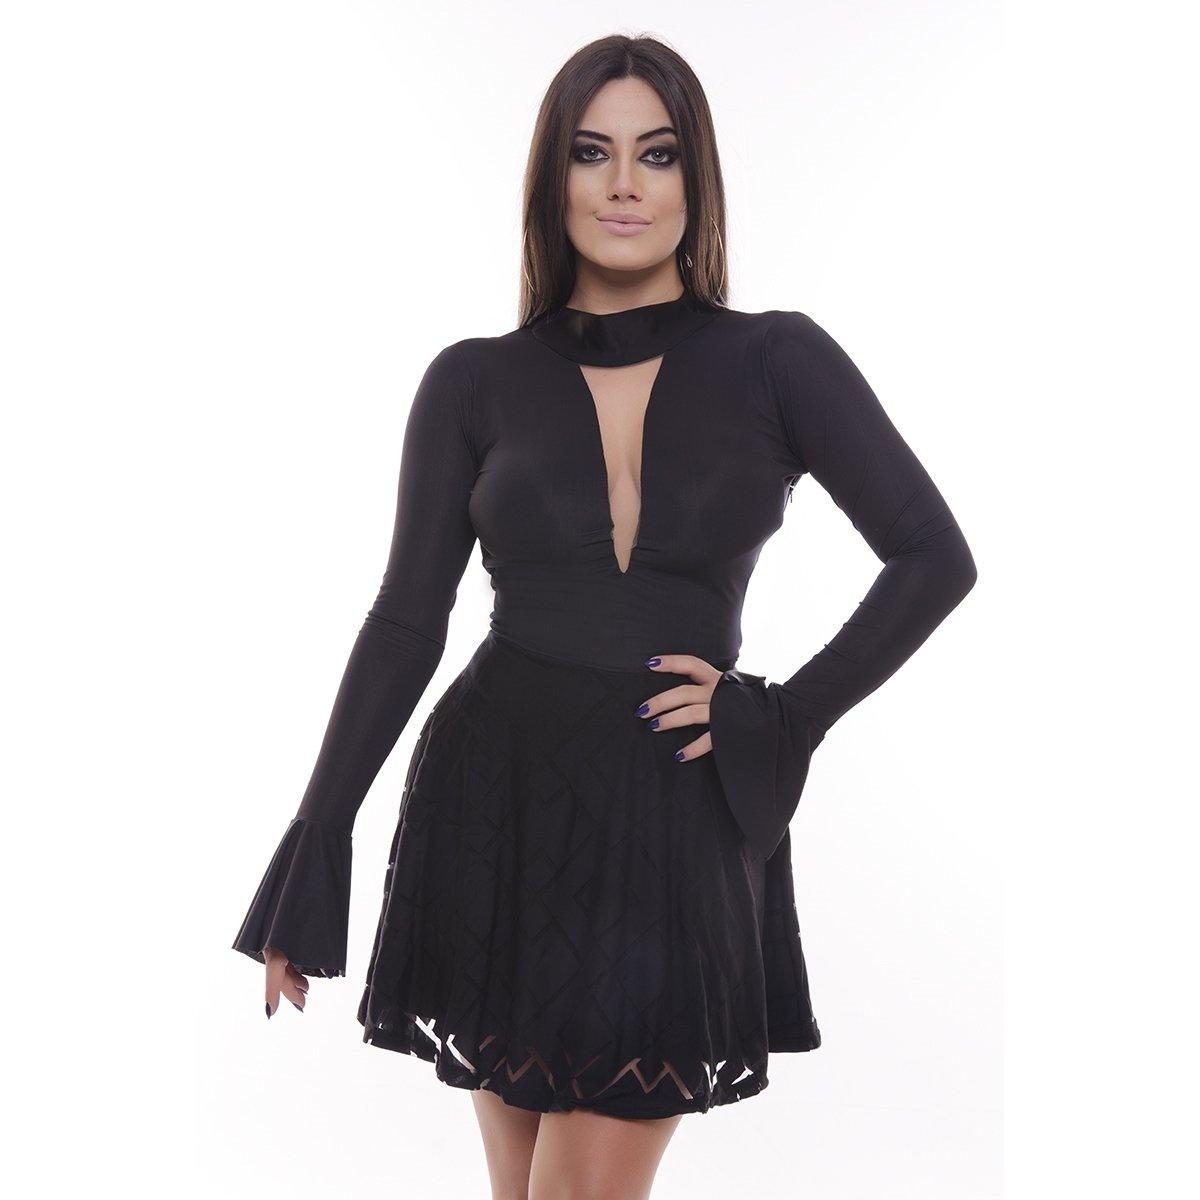 Vestido preto g